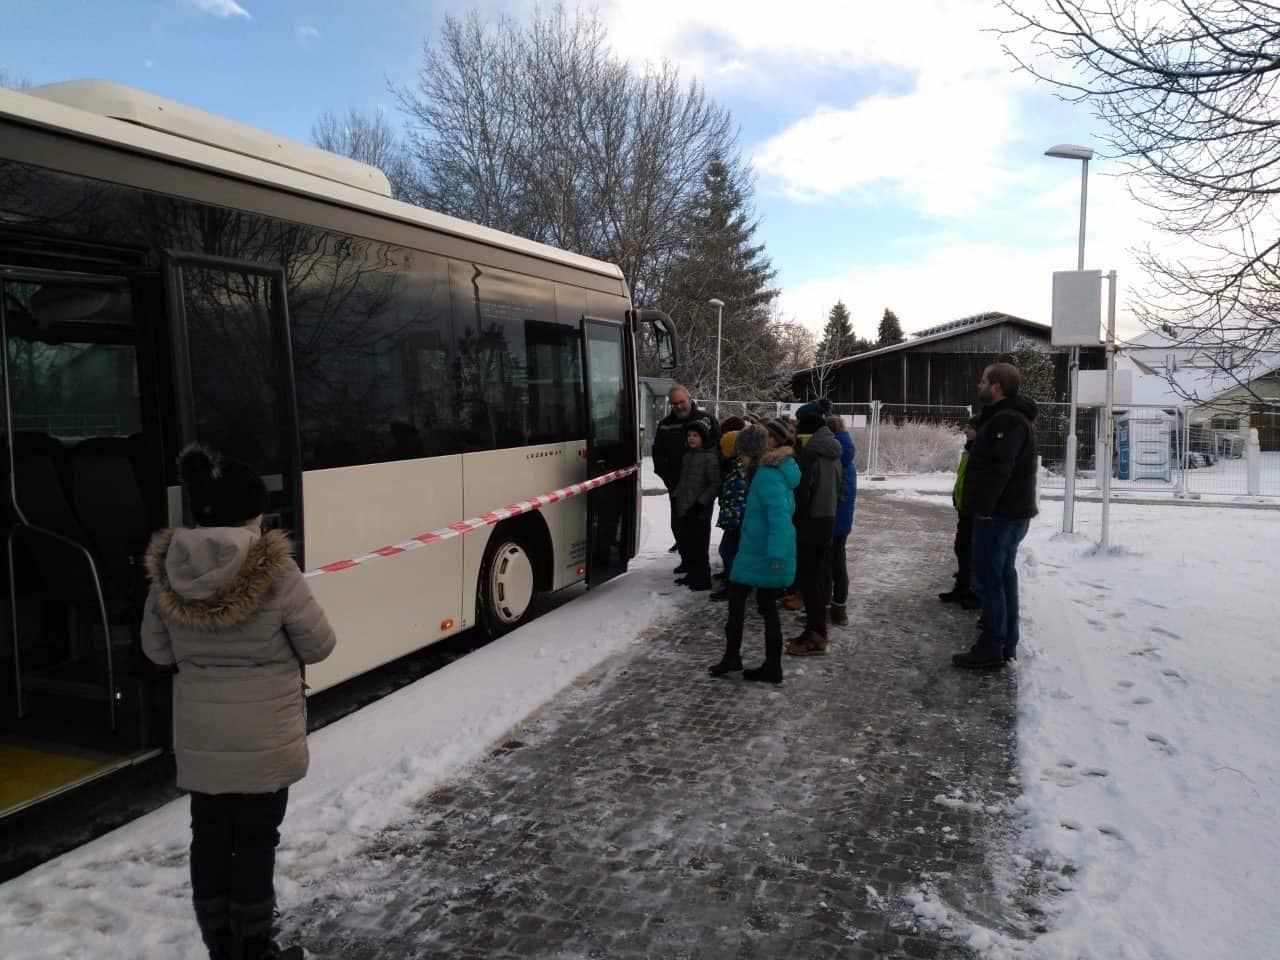 Sicher auf dem Schulweg – Bussicherheitstraining in Klasse 5